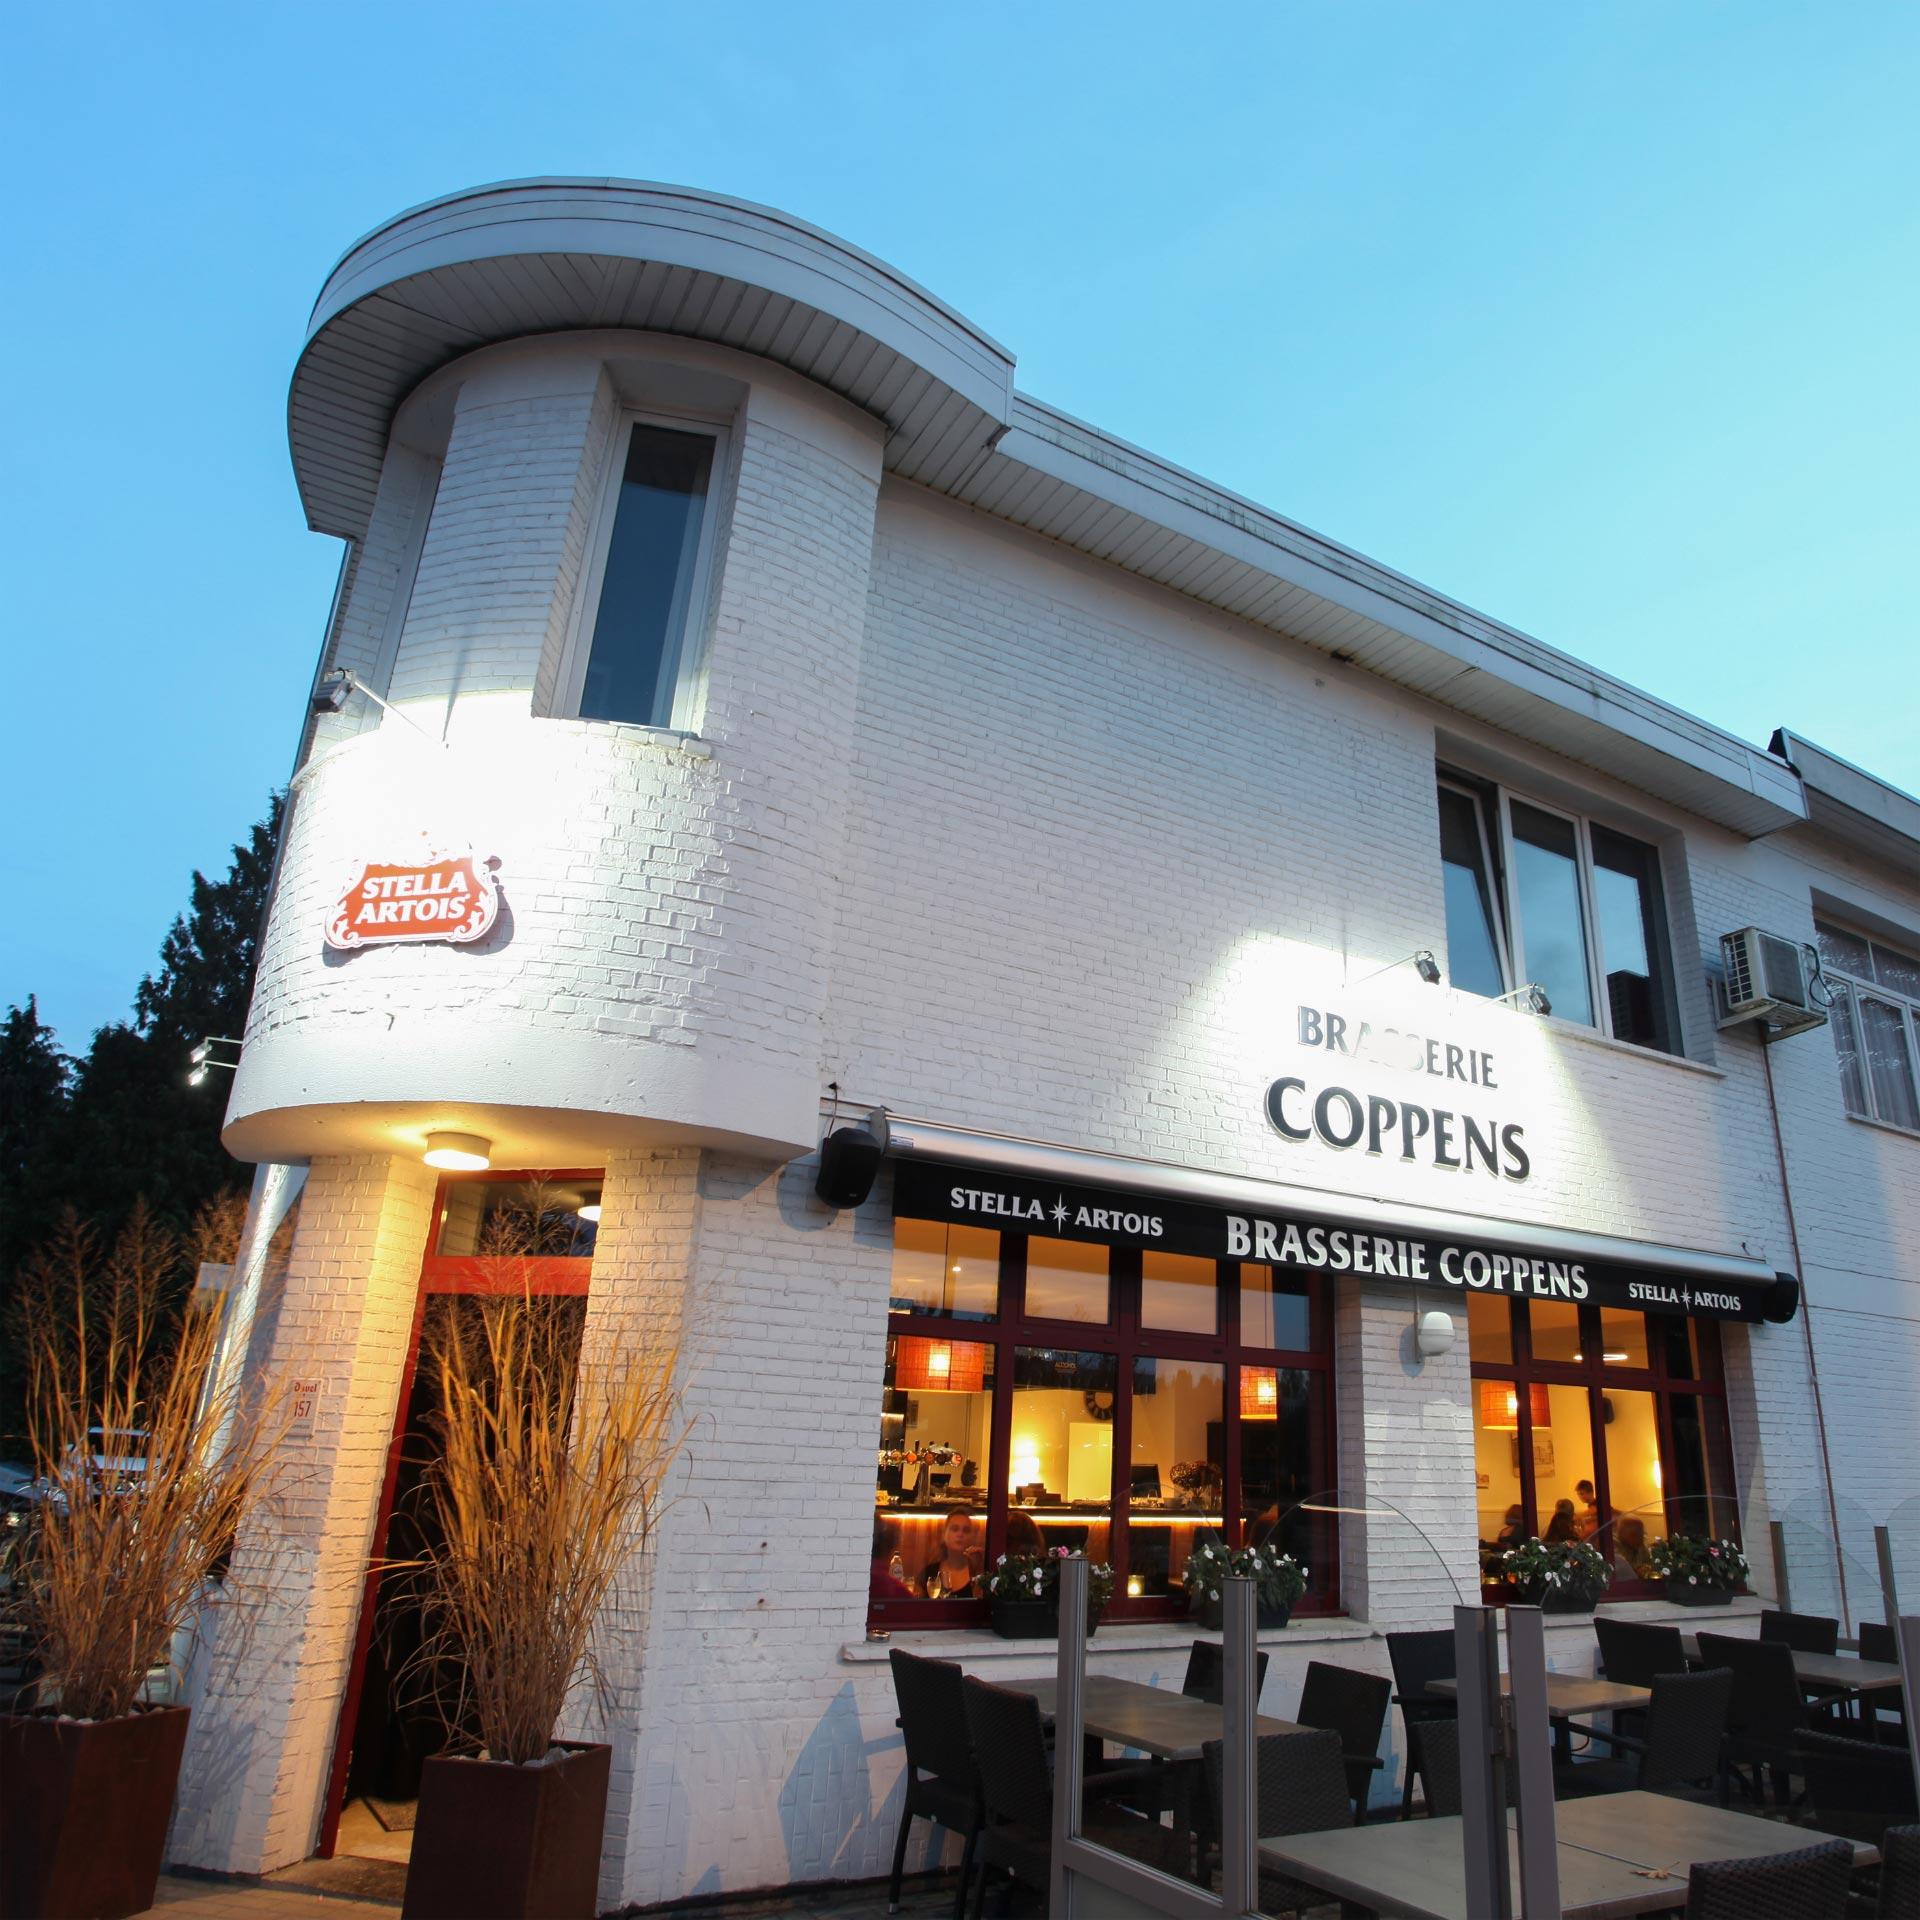 Brasserie Coppens